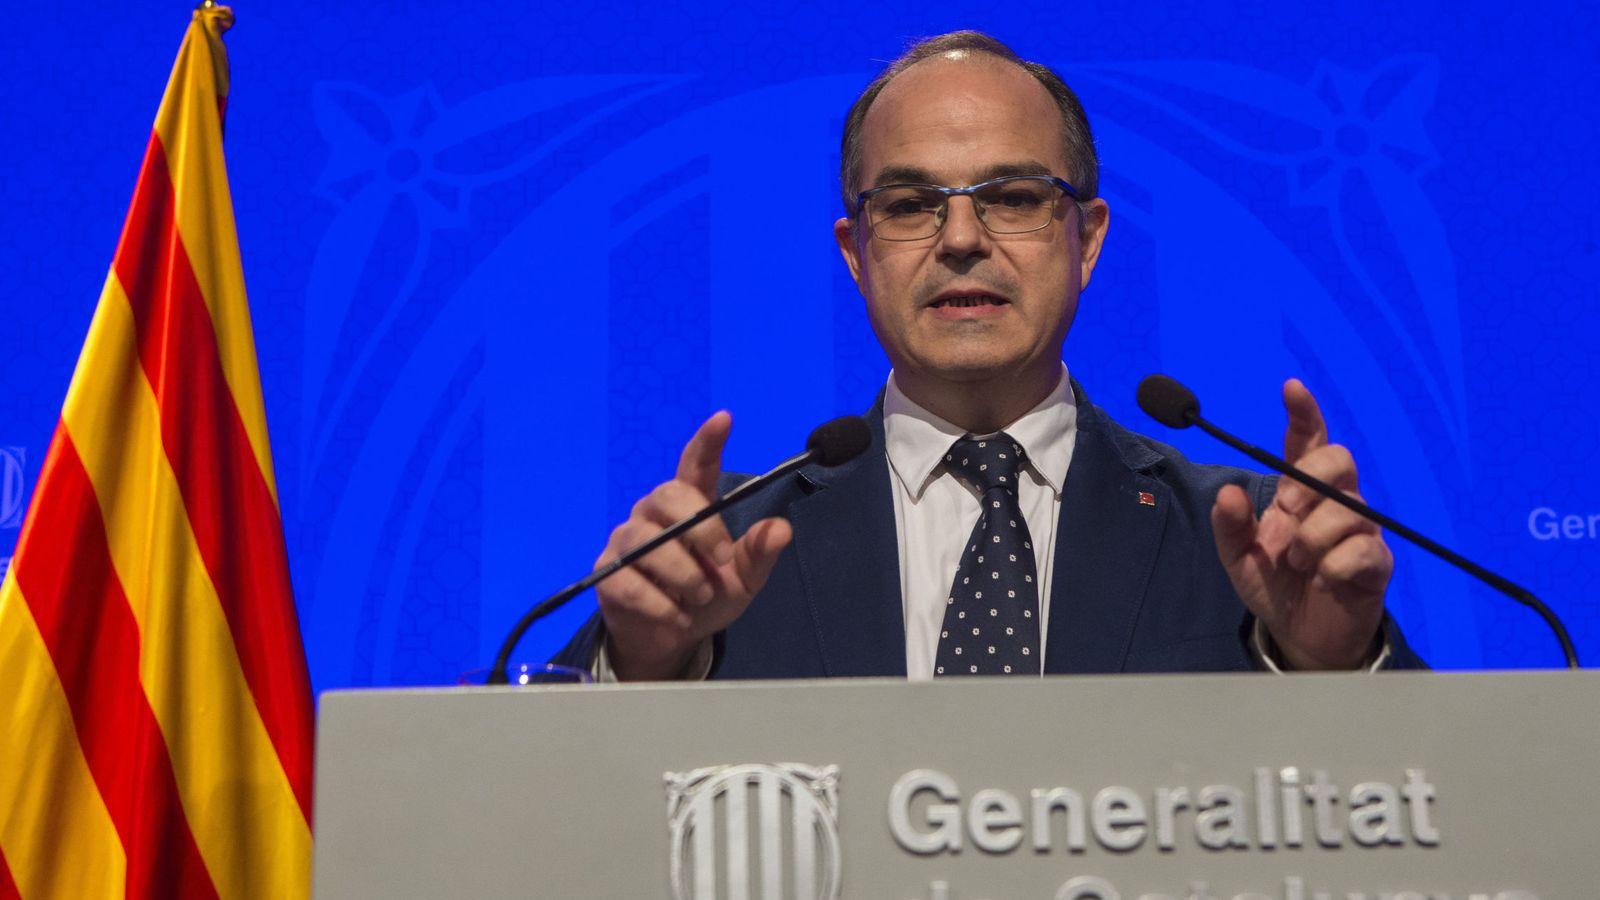 Foto: El portavoz del Gobierno de la Generalitat Jordi Turull. (EFE)